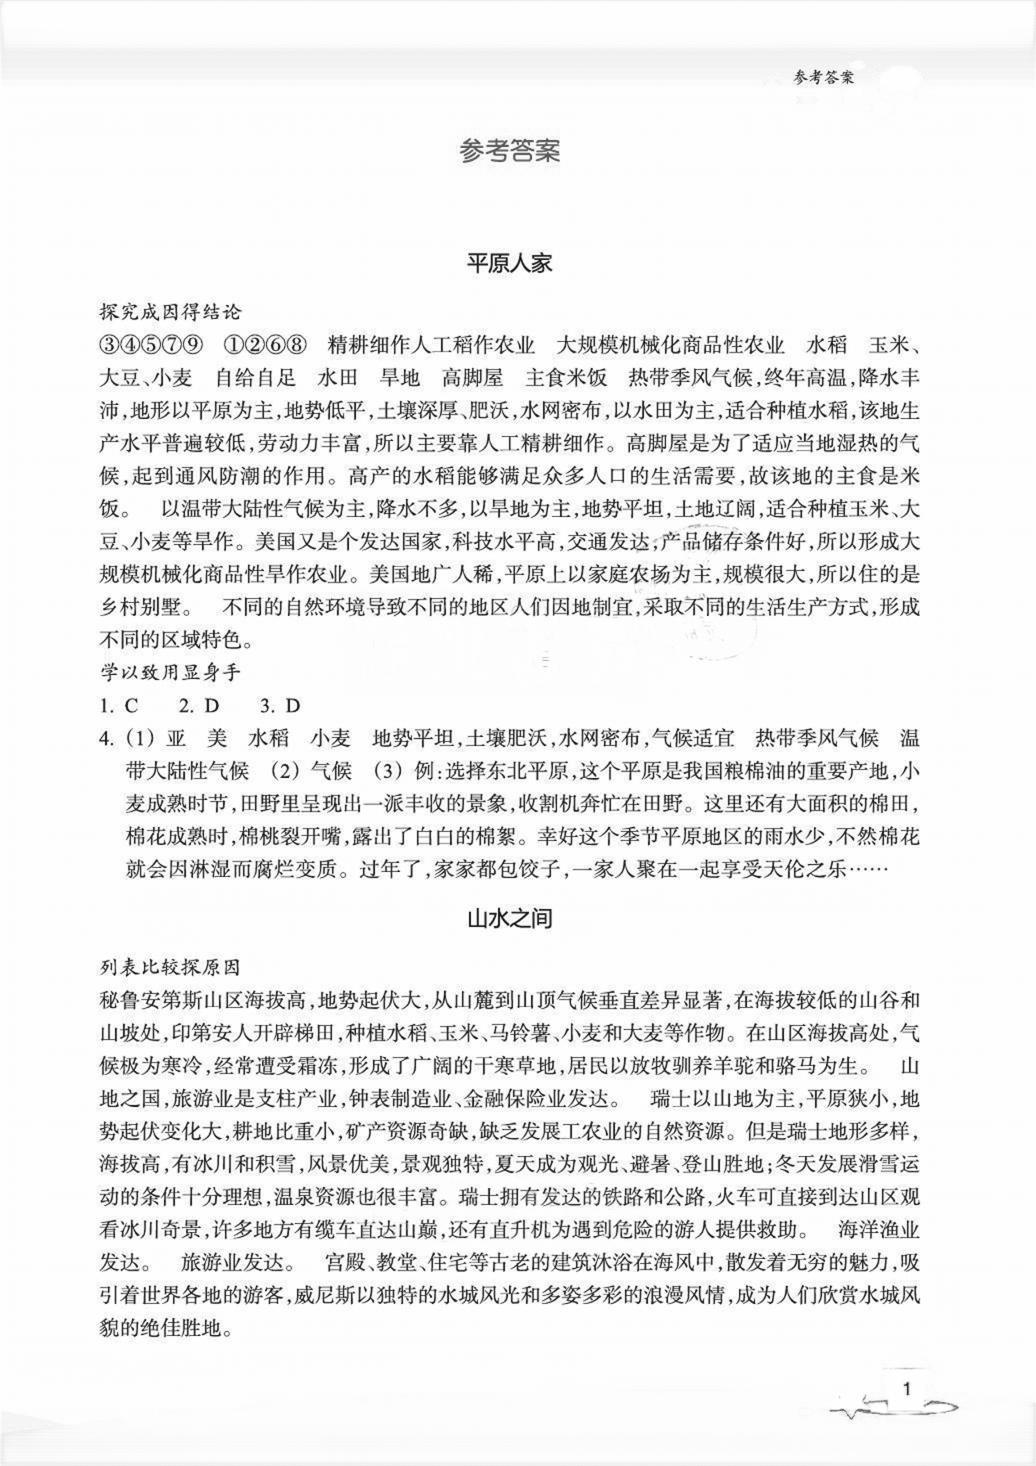 2021年快乐暑假玩转假期活动手册(合订本)七年级通用版浙江教育出版社